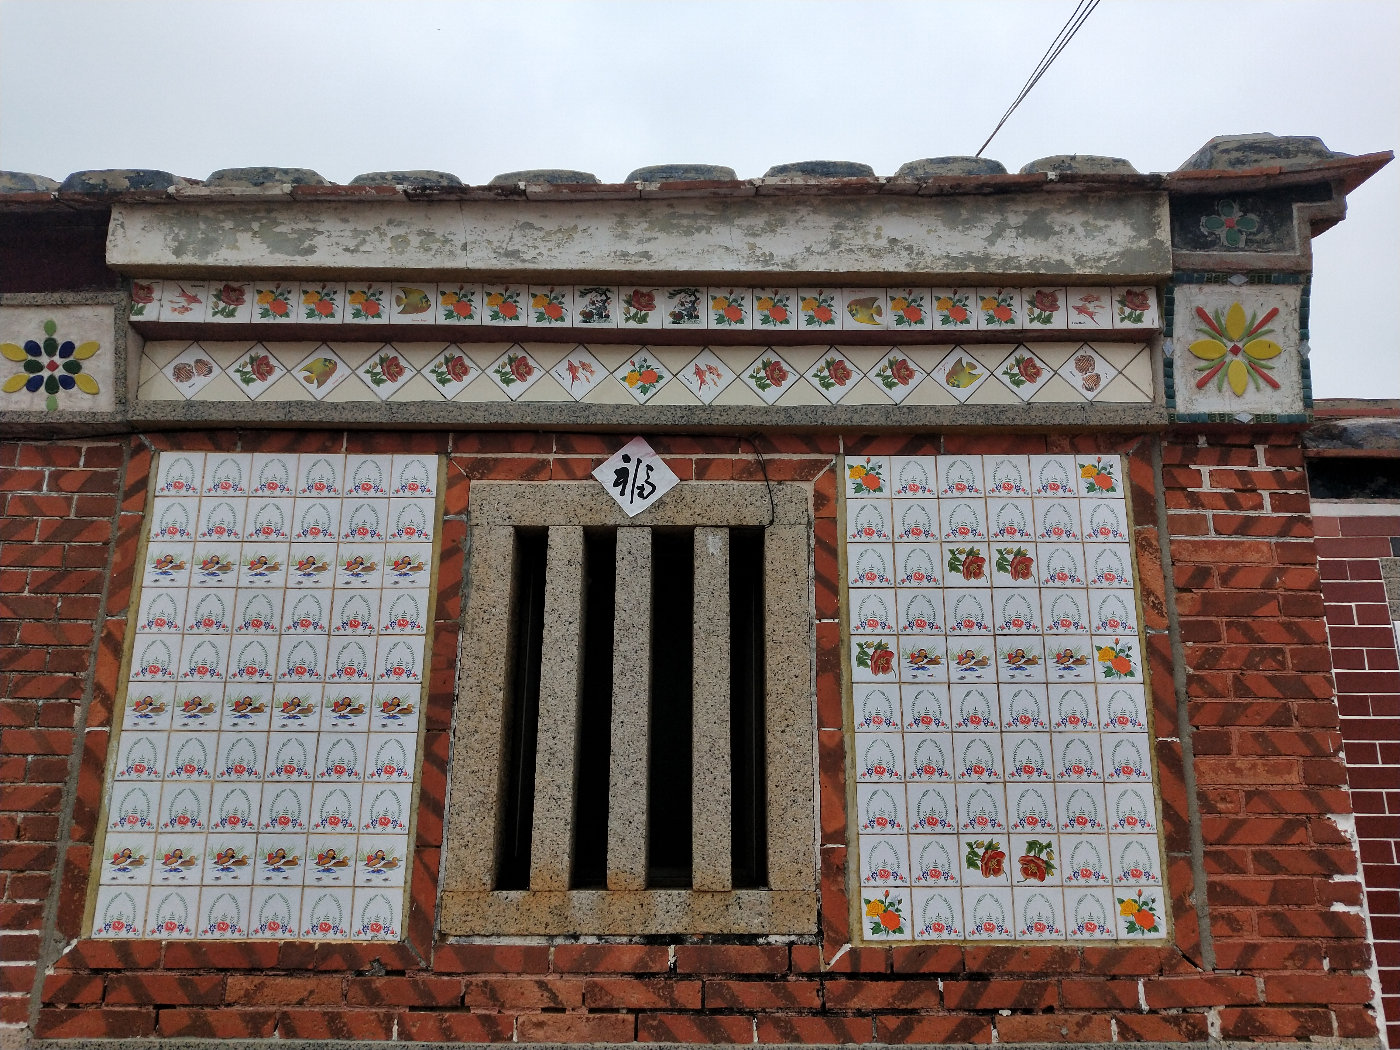 外墙的白色瓷砖不知经历了多少的风吹雨打,有些些泛黄,但好像更有味道了